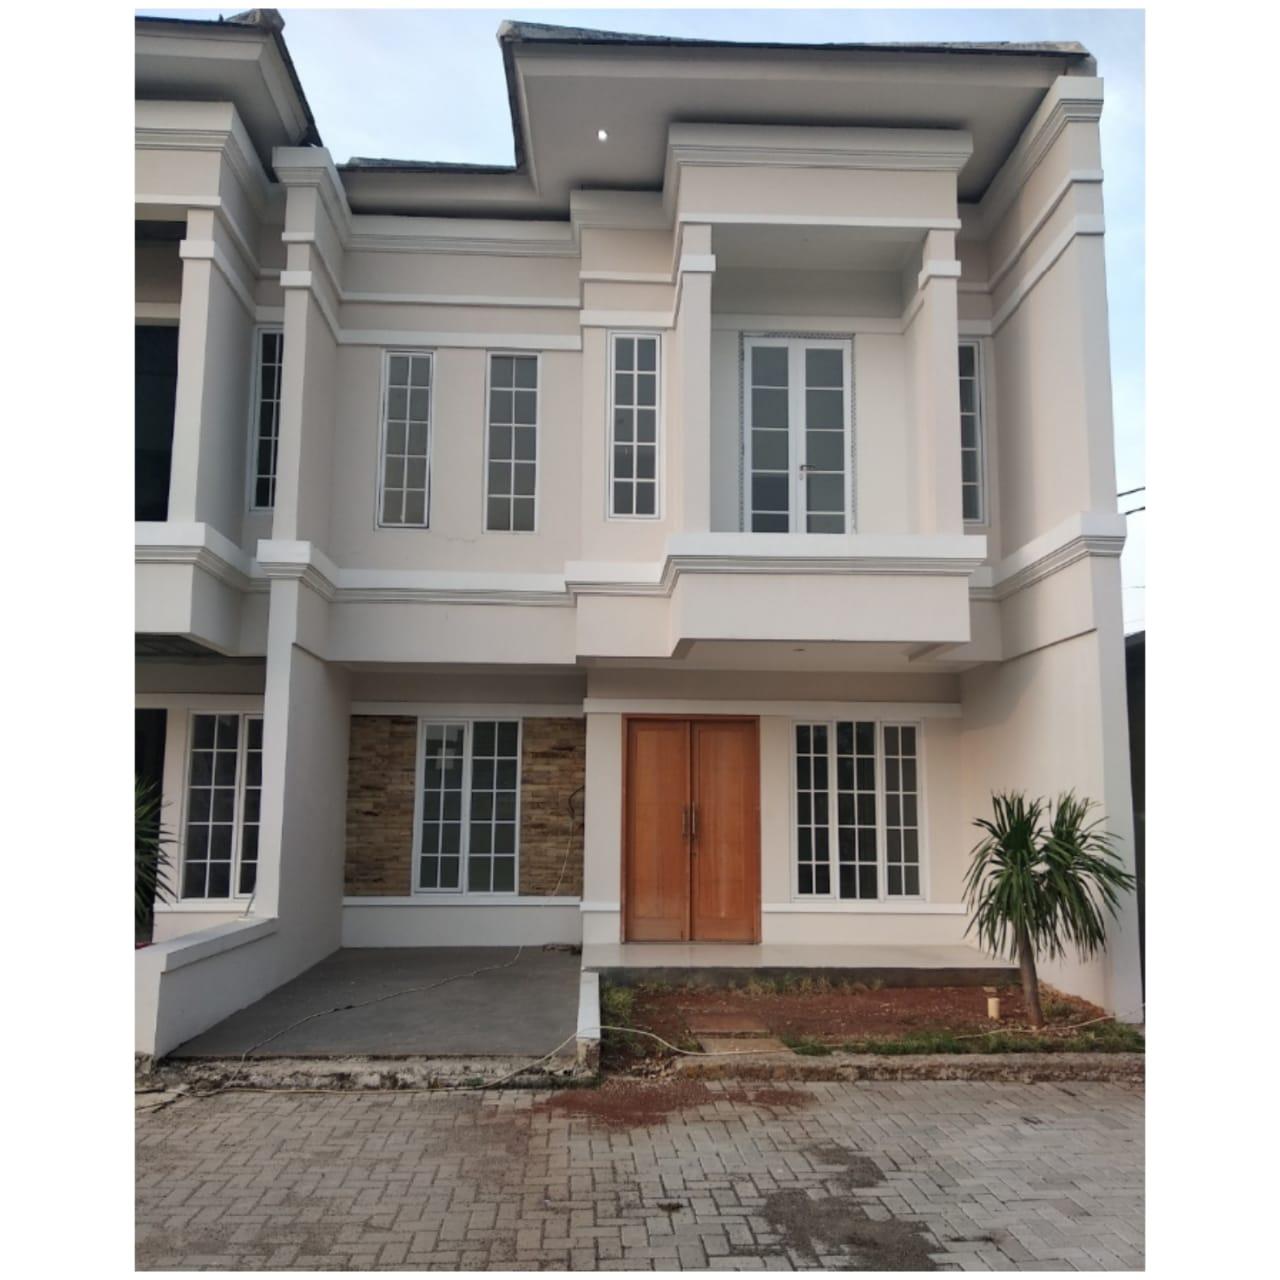 Rumah Idaman dekat MRT Lebak Bulus Ciputat Tangerang Selatan